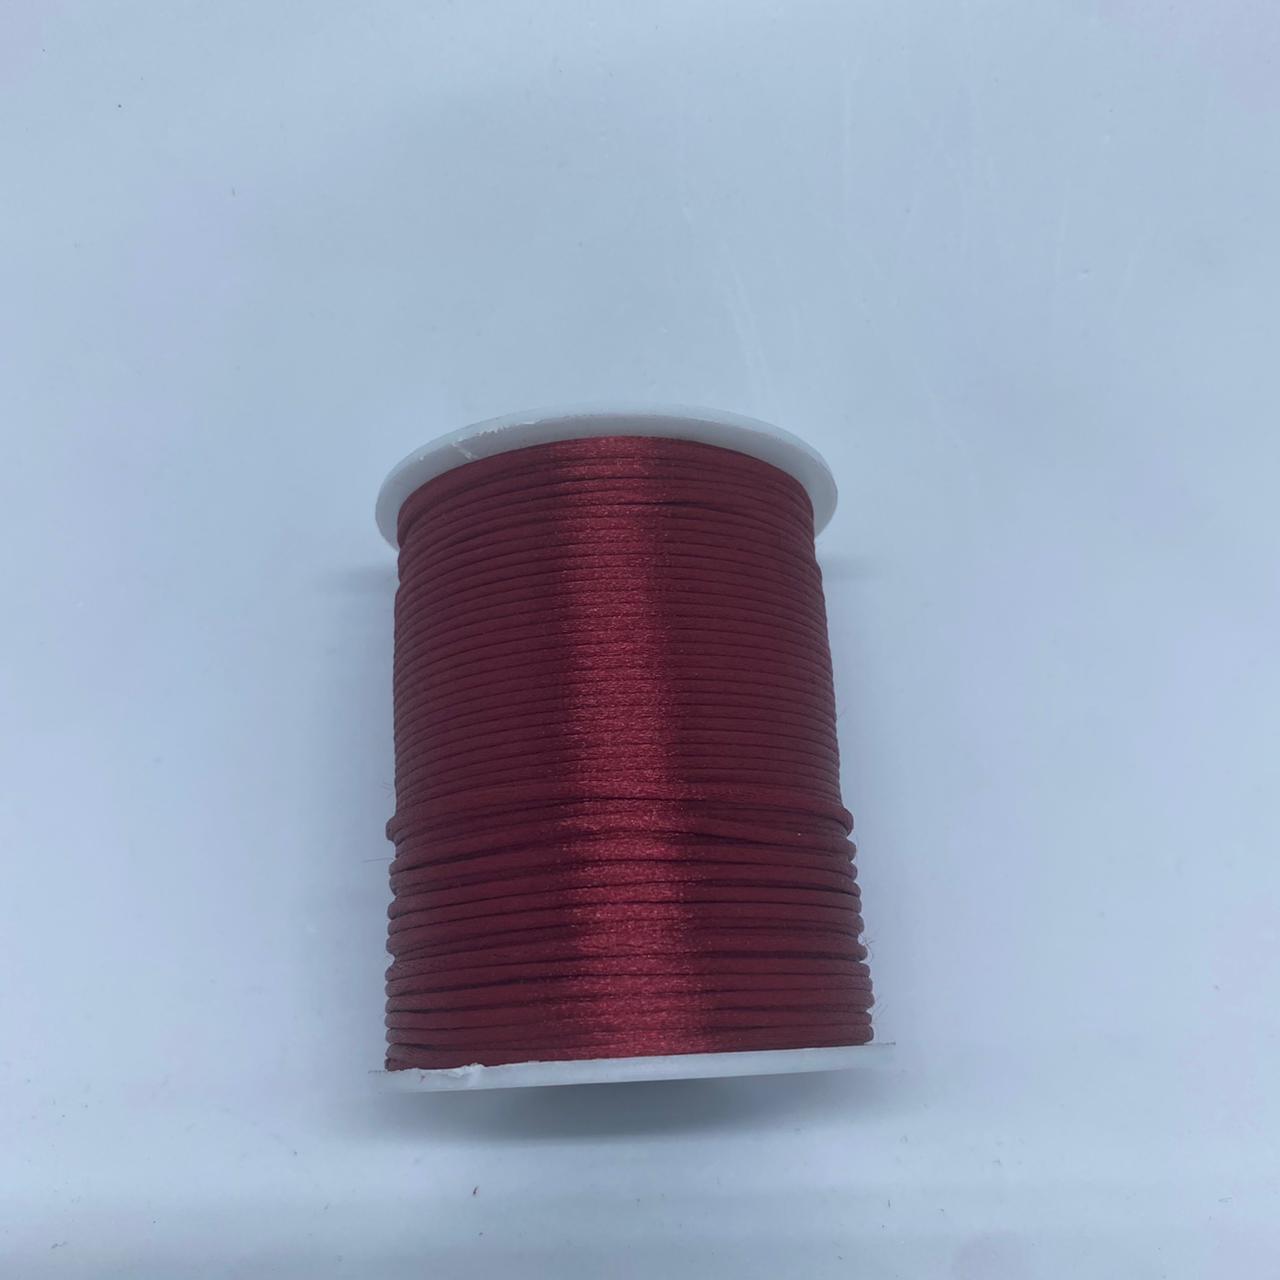 Fio de seda vinho c/ 10 metros 1mm